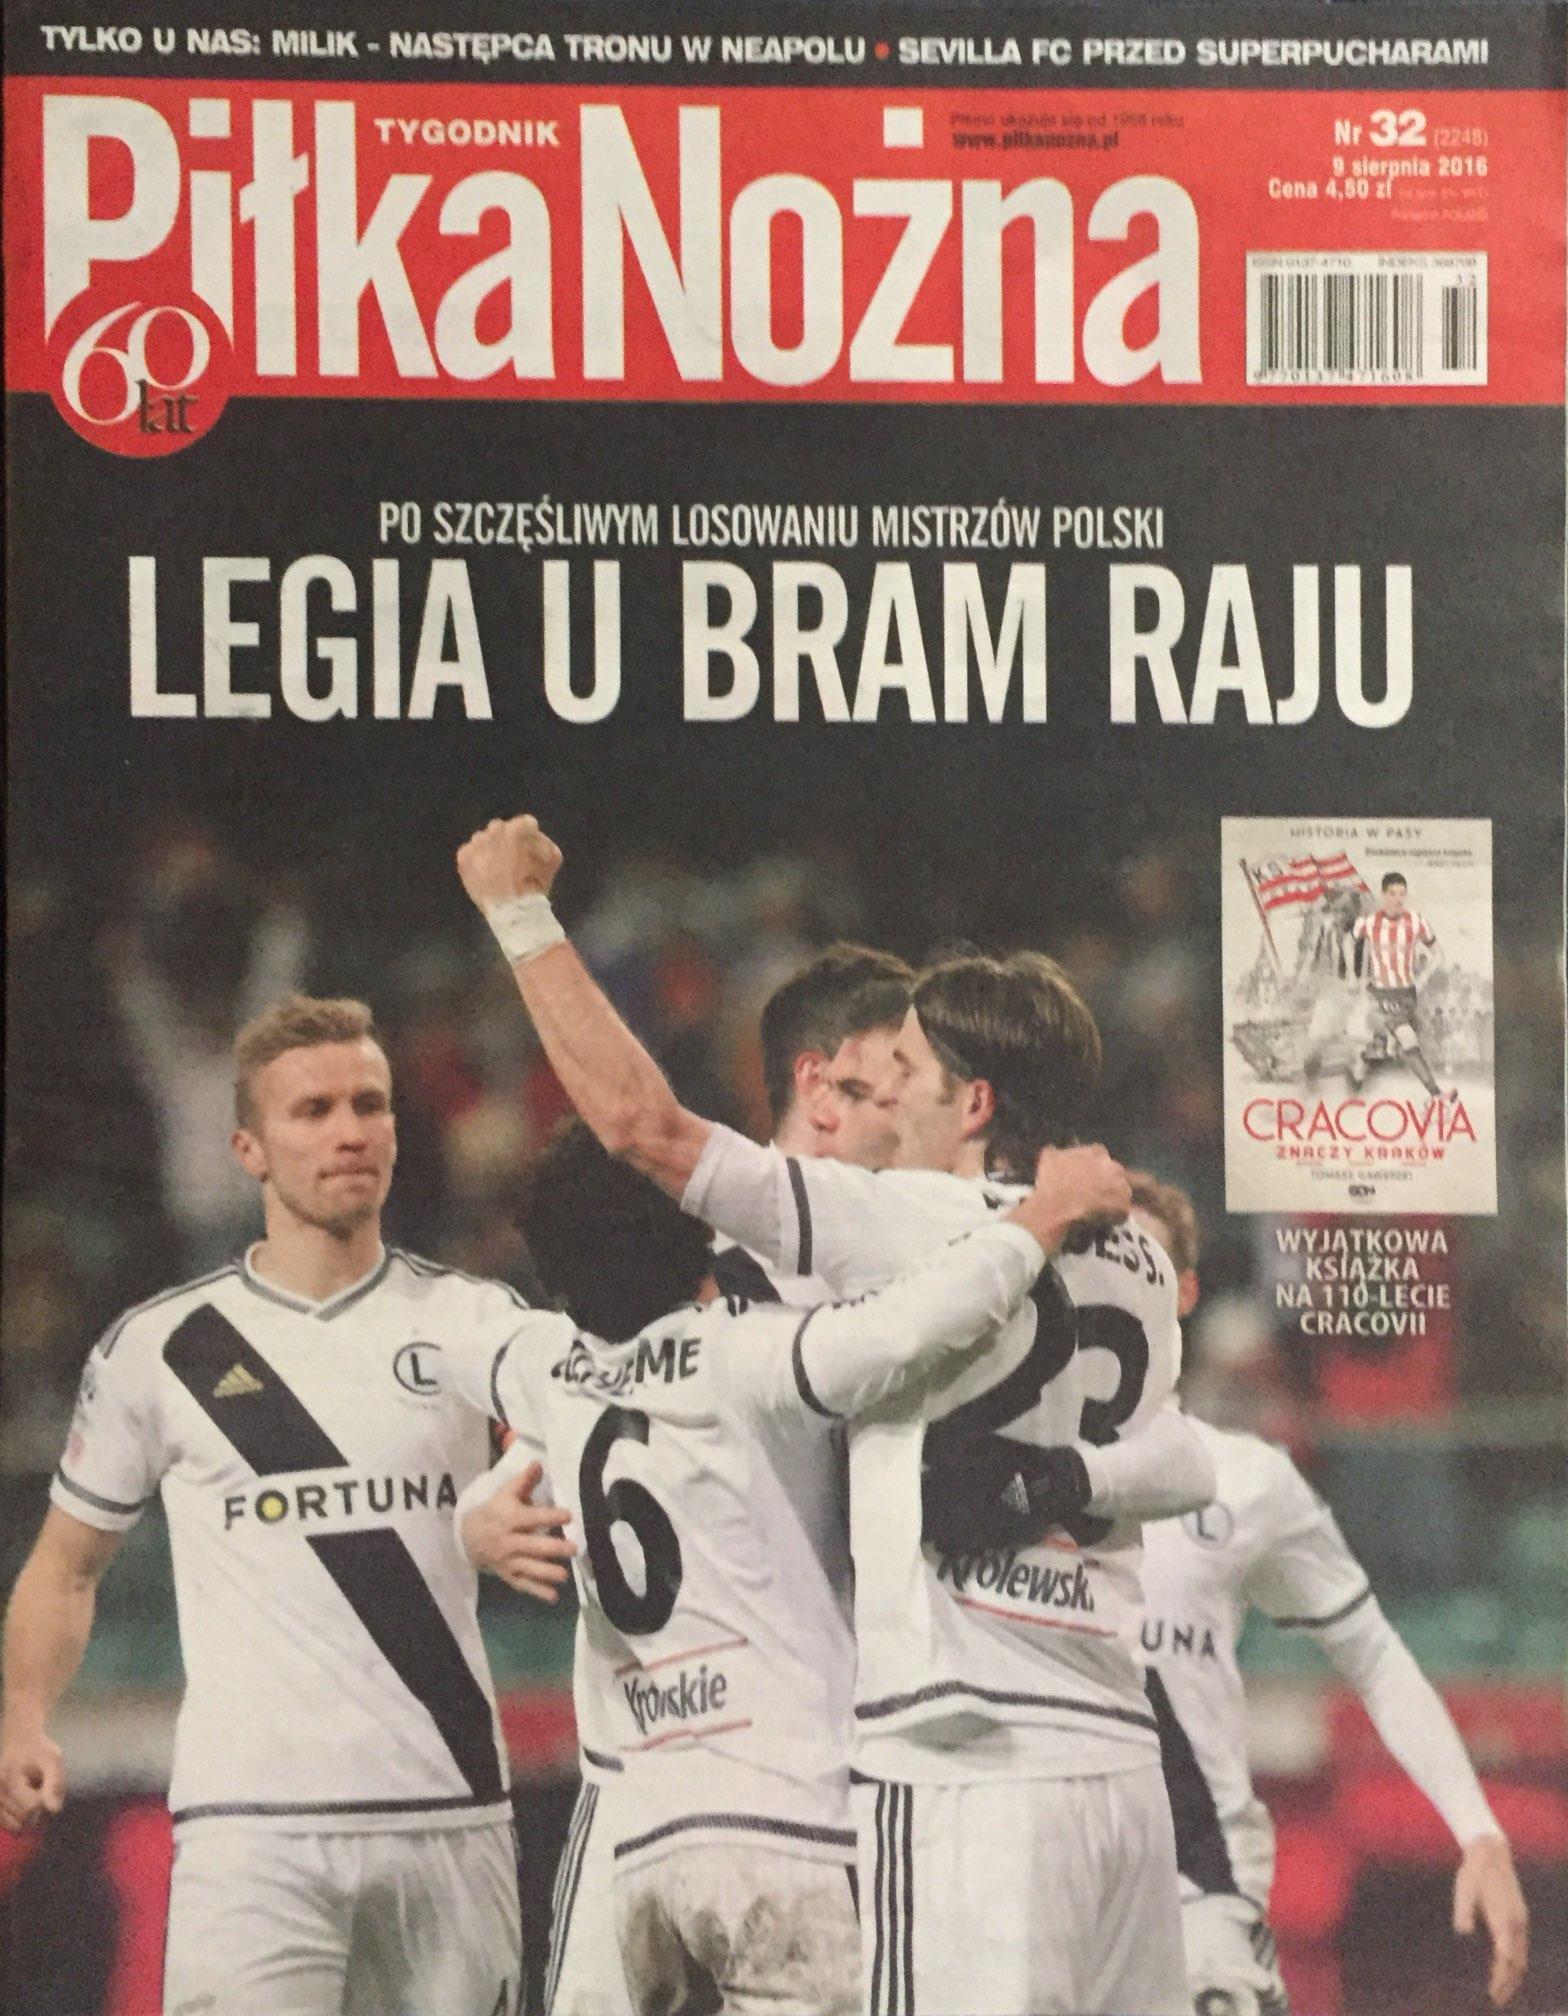 Piłka Nożna po meczu Legia - AS Trenczyn 0-0 (03.08.2016).